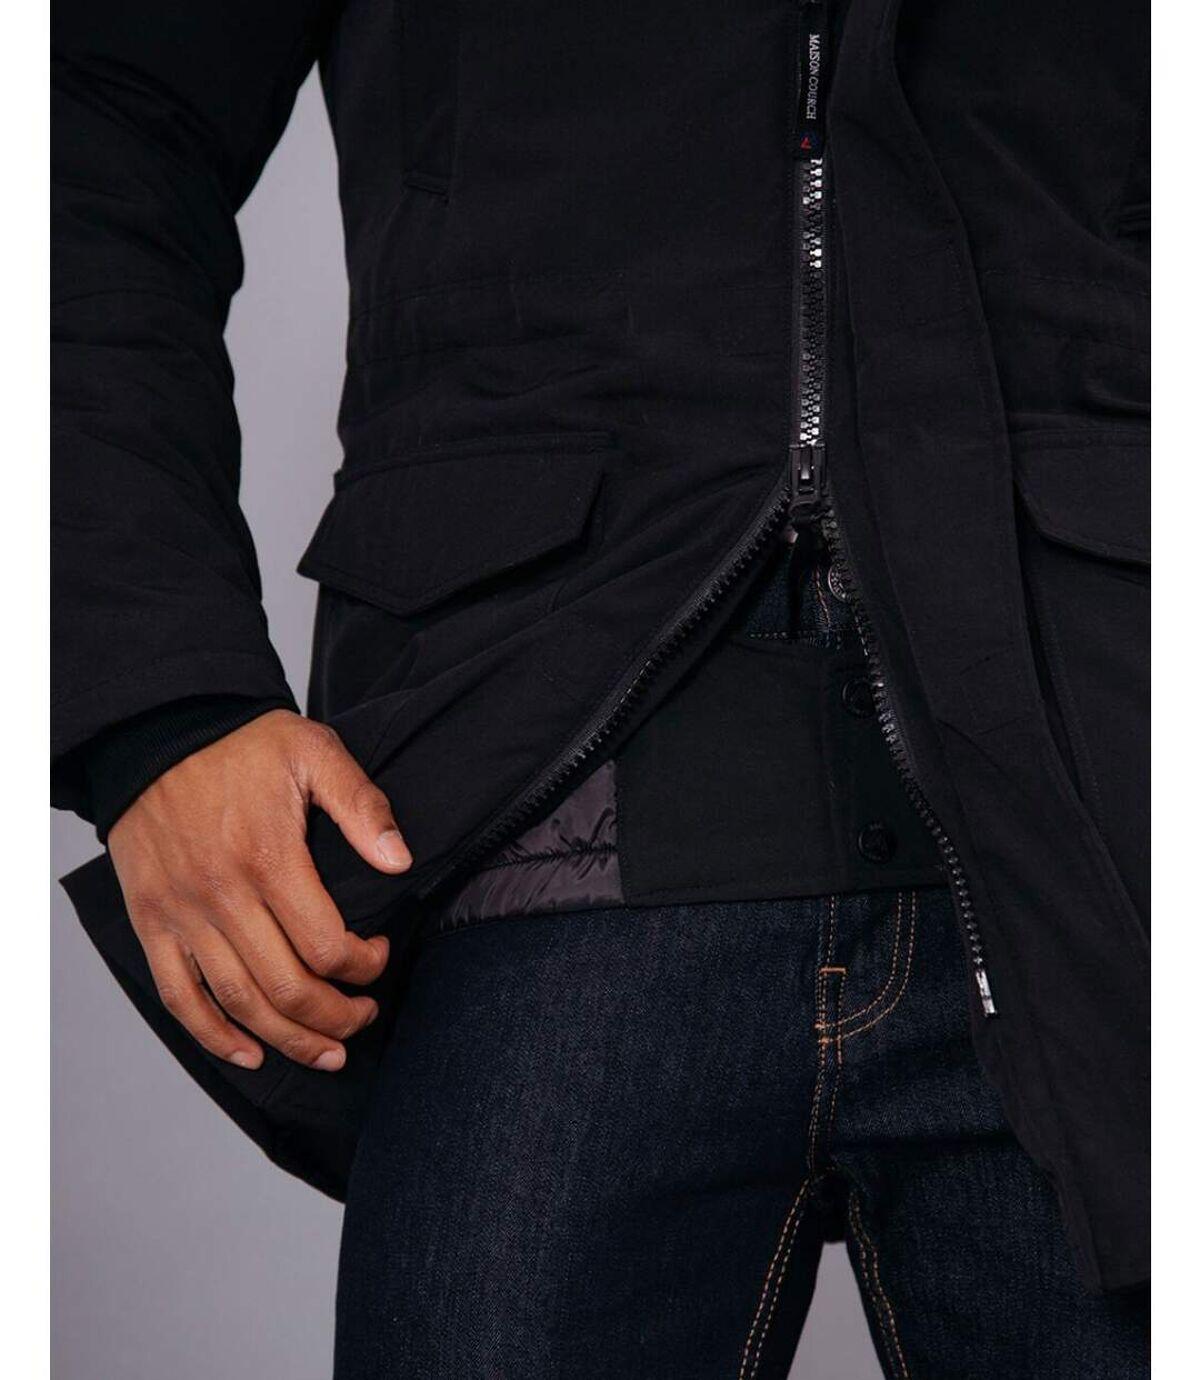 Parka longue noir chauffante avec capuche fourrure noire synthétique